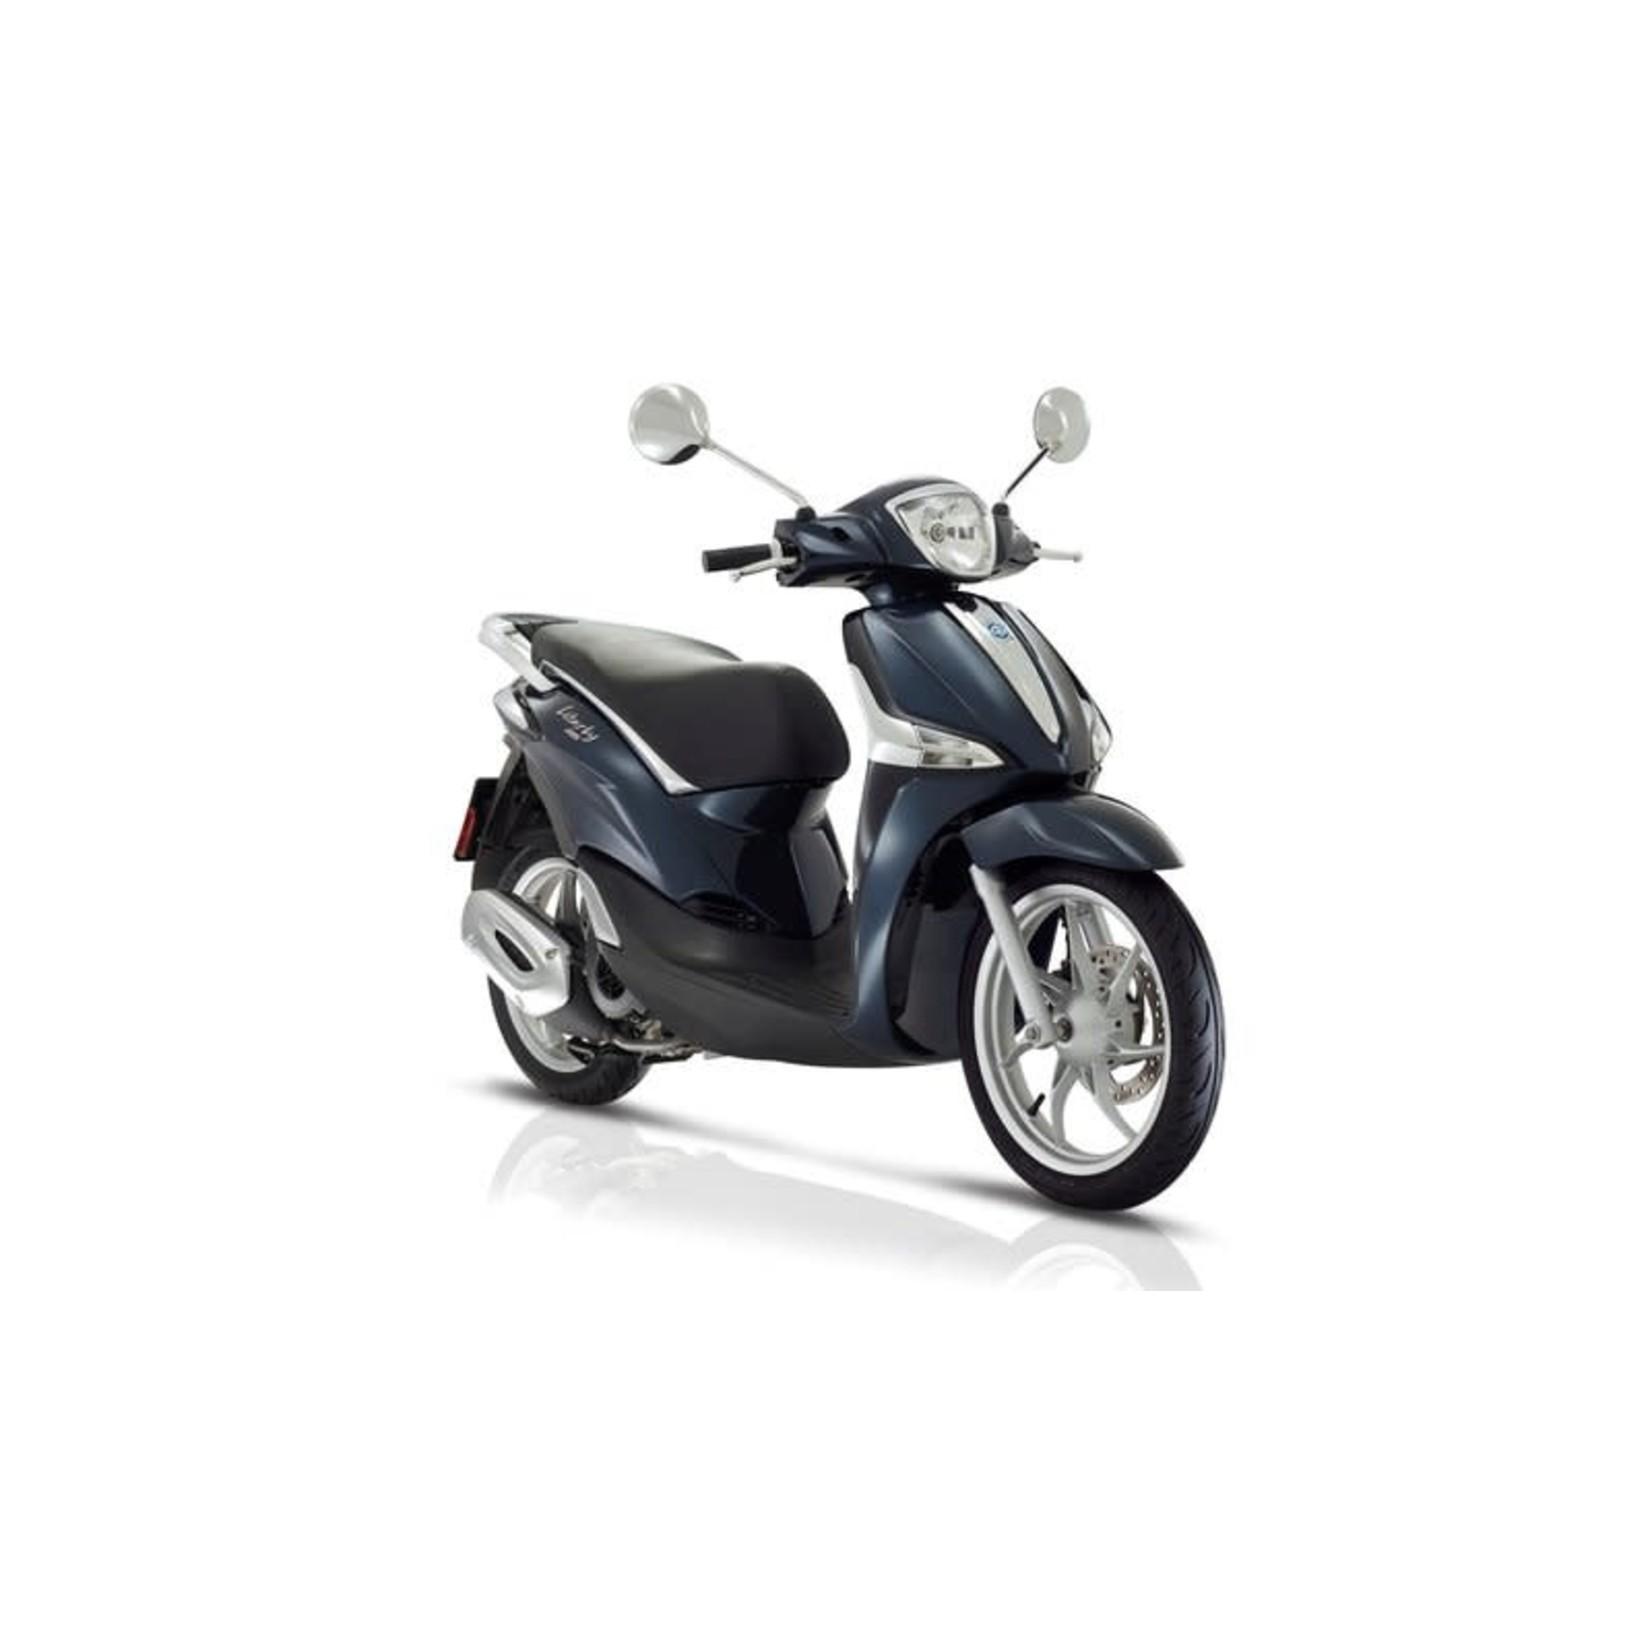 2018 Piaggio Liberty 150 Blue